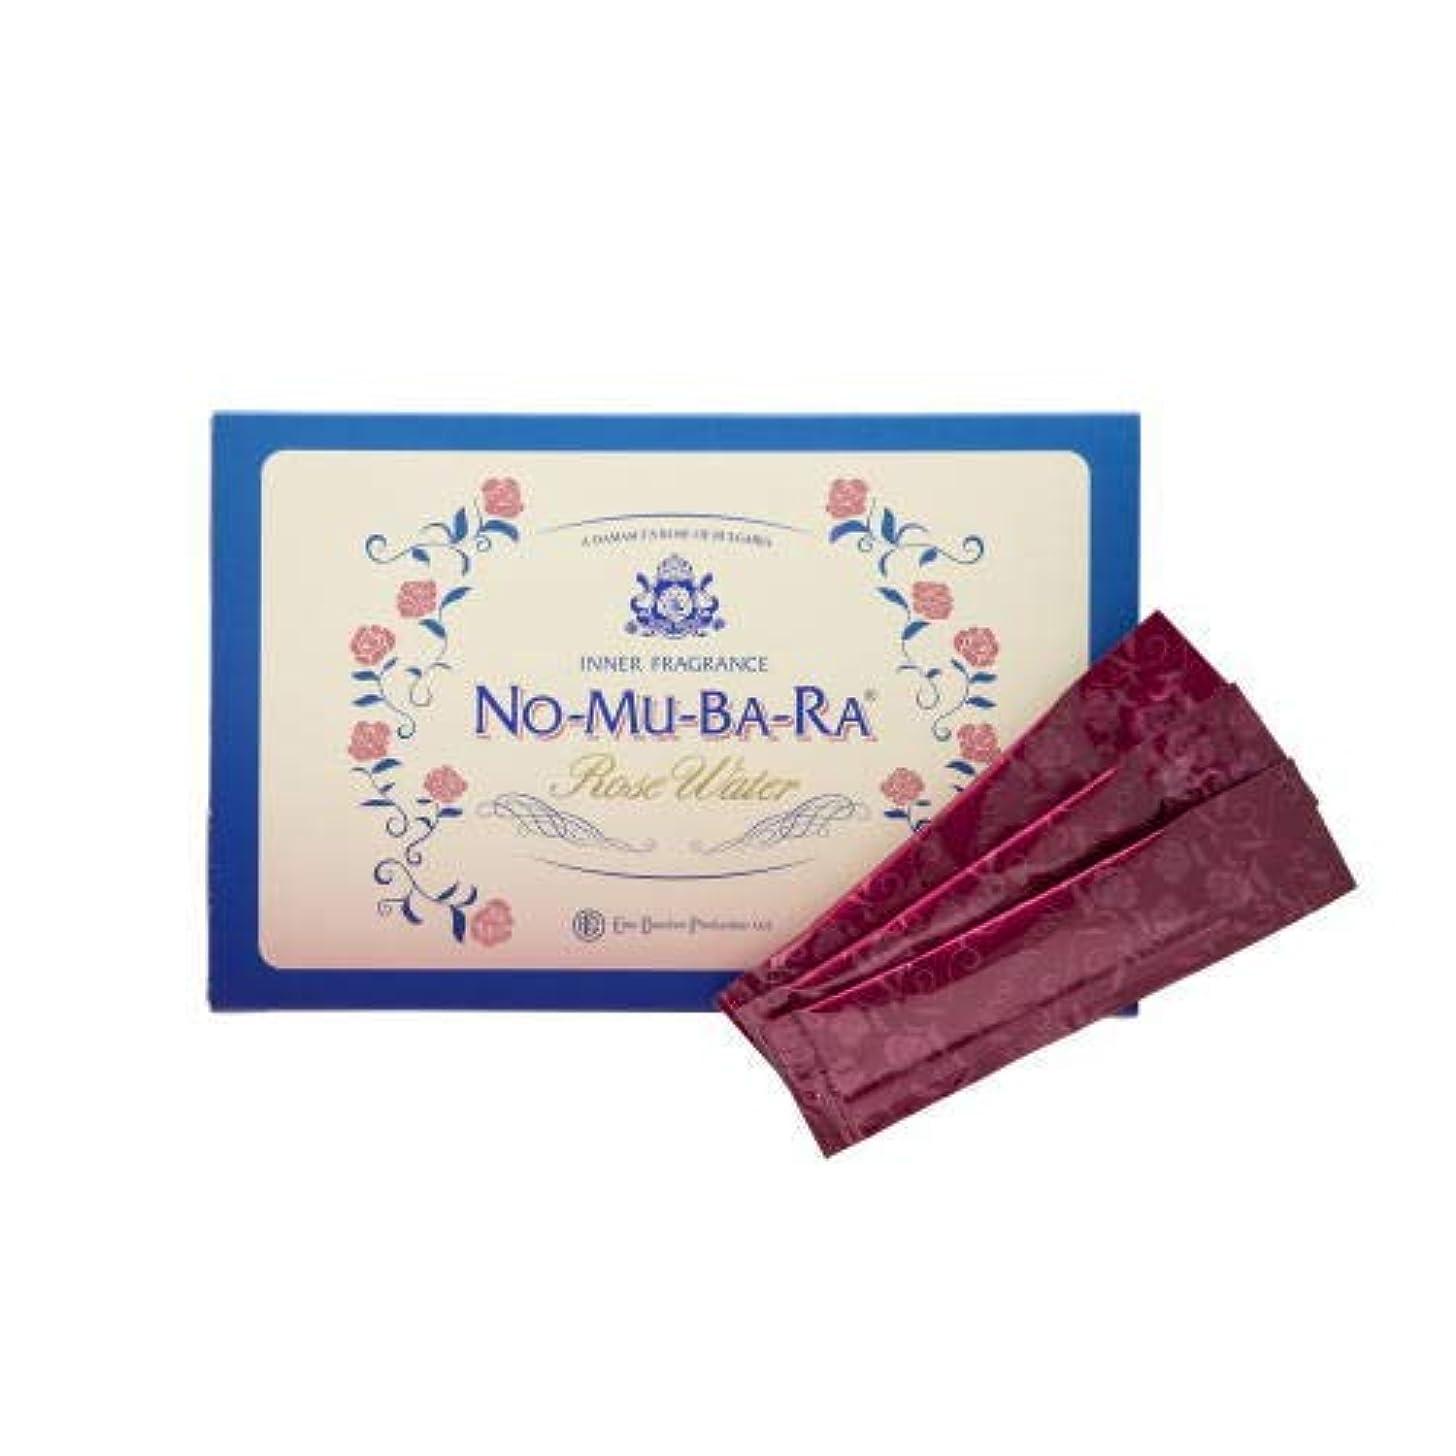 どんよりしたチューブ説教するNO-MU-BA-RA NO-MU-BA-RA(ノムバラ)(35包入)×2箱【モンドセレクション受賞】